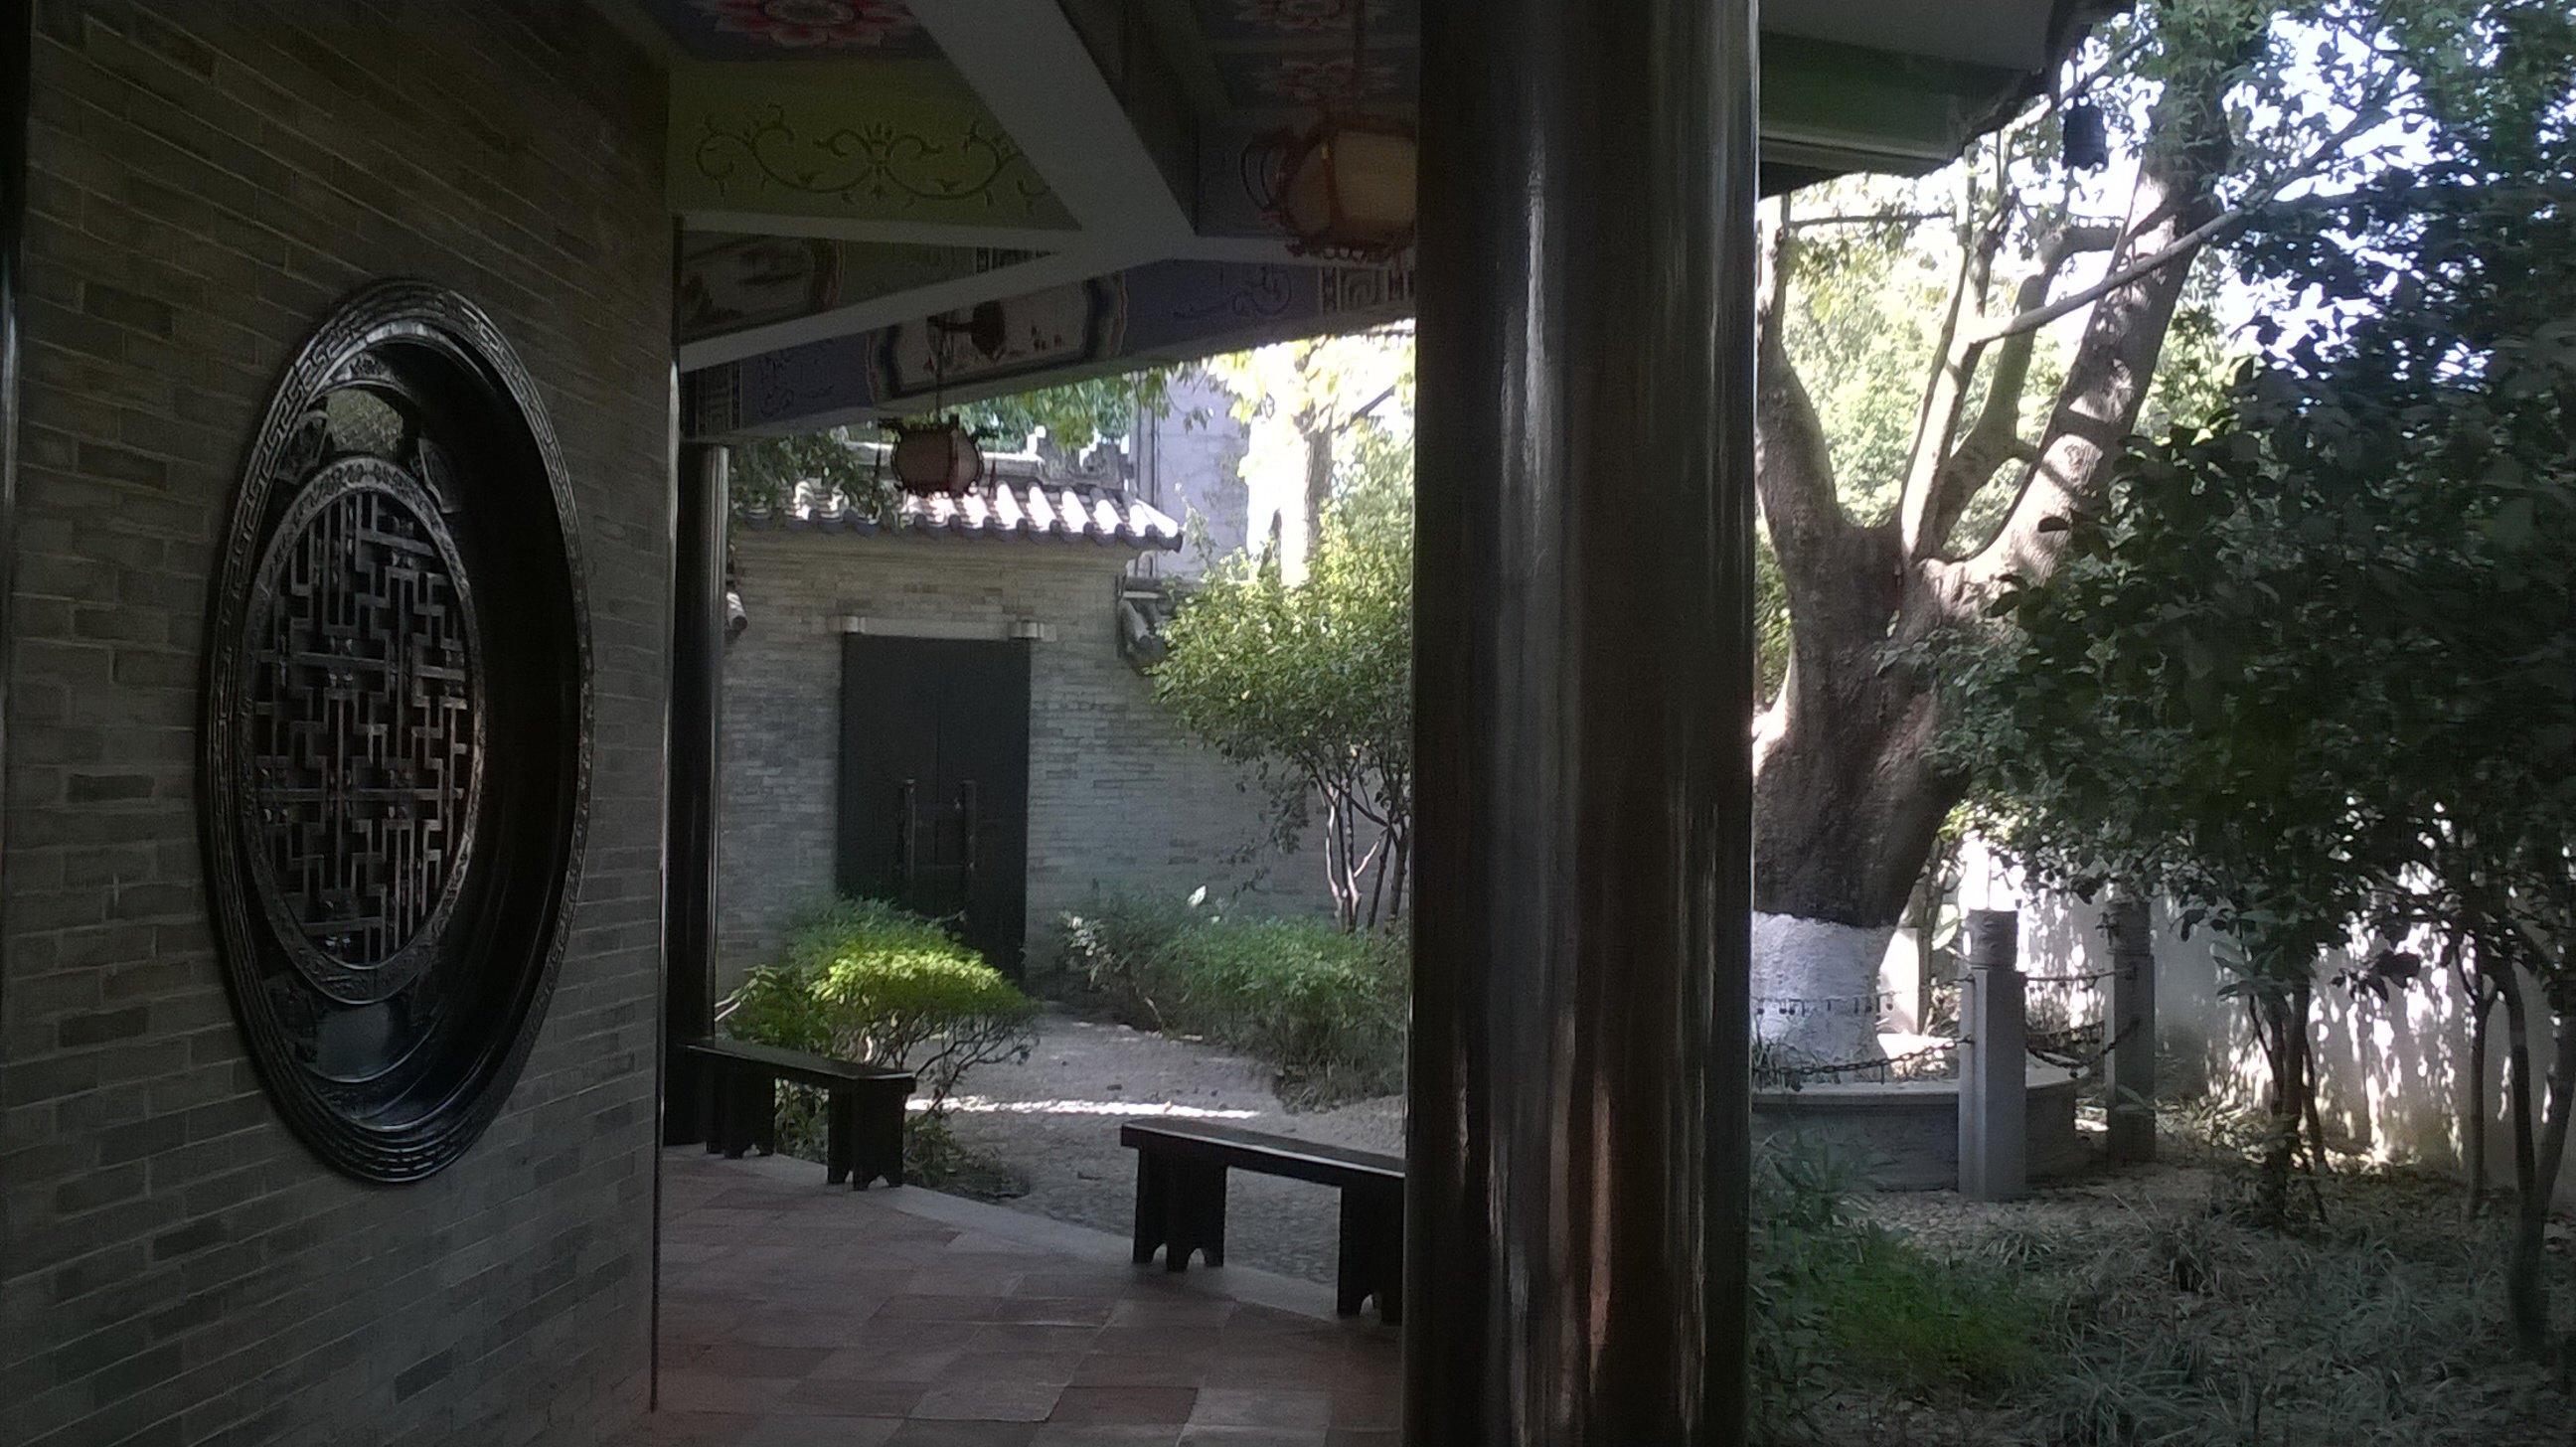 与粗壮的大树浓密的树叶相辅相成,构成中国南方庭院特有的韵味.